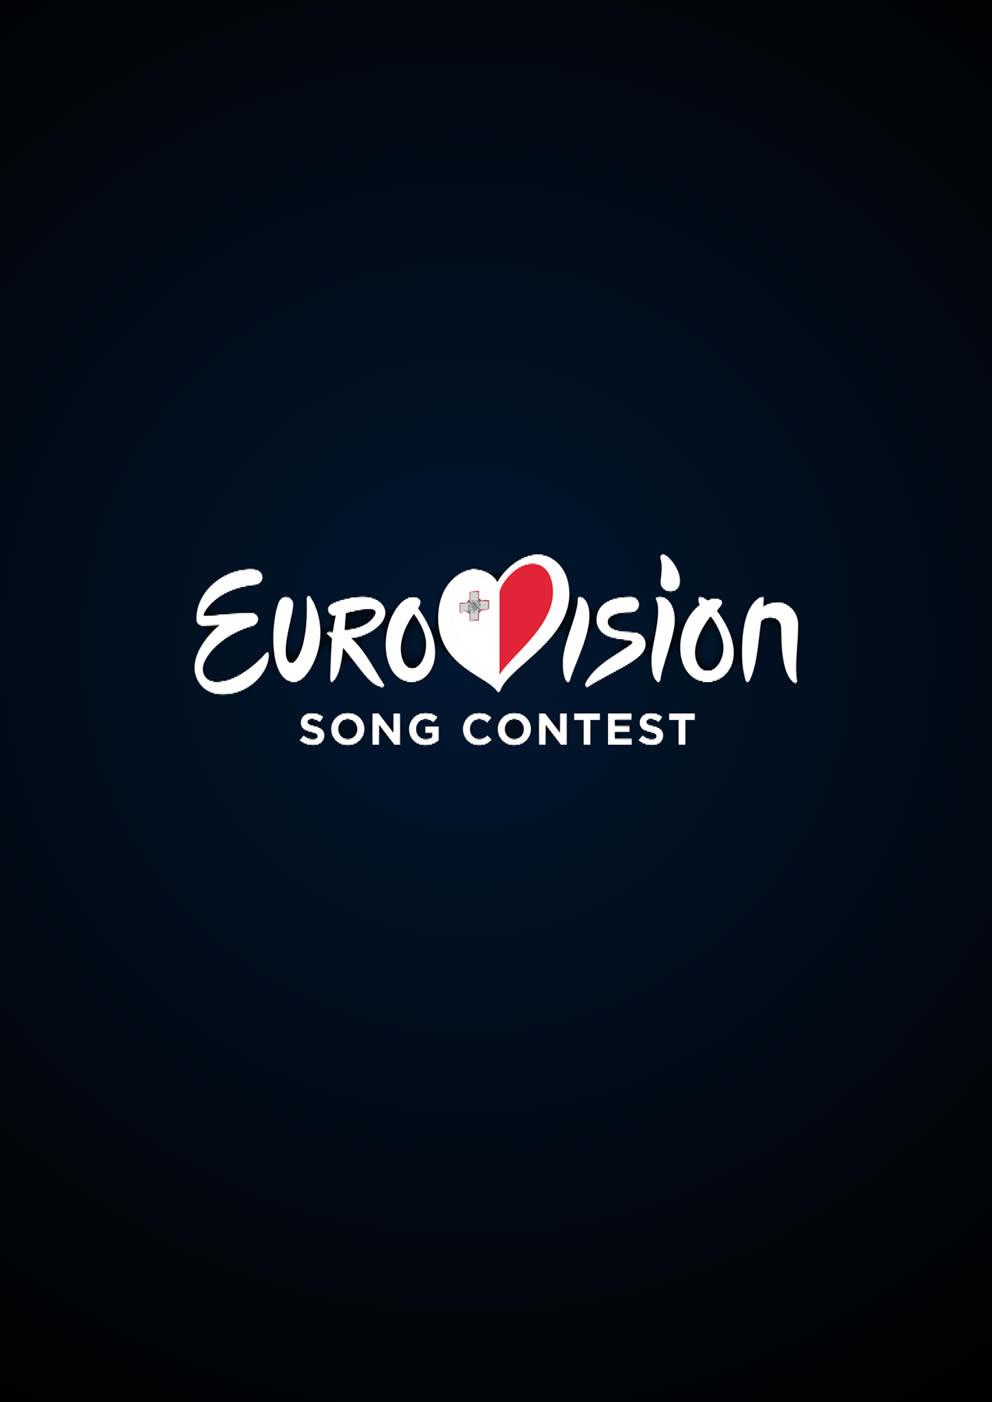 Malta Eurovision Song Contest 2017 flyer